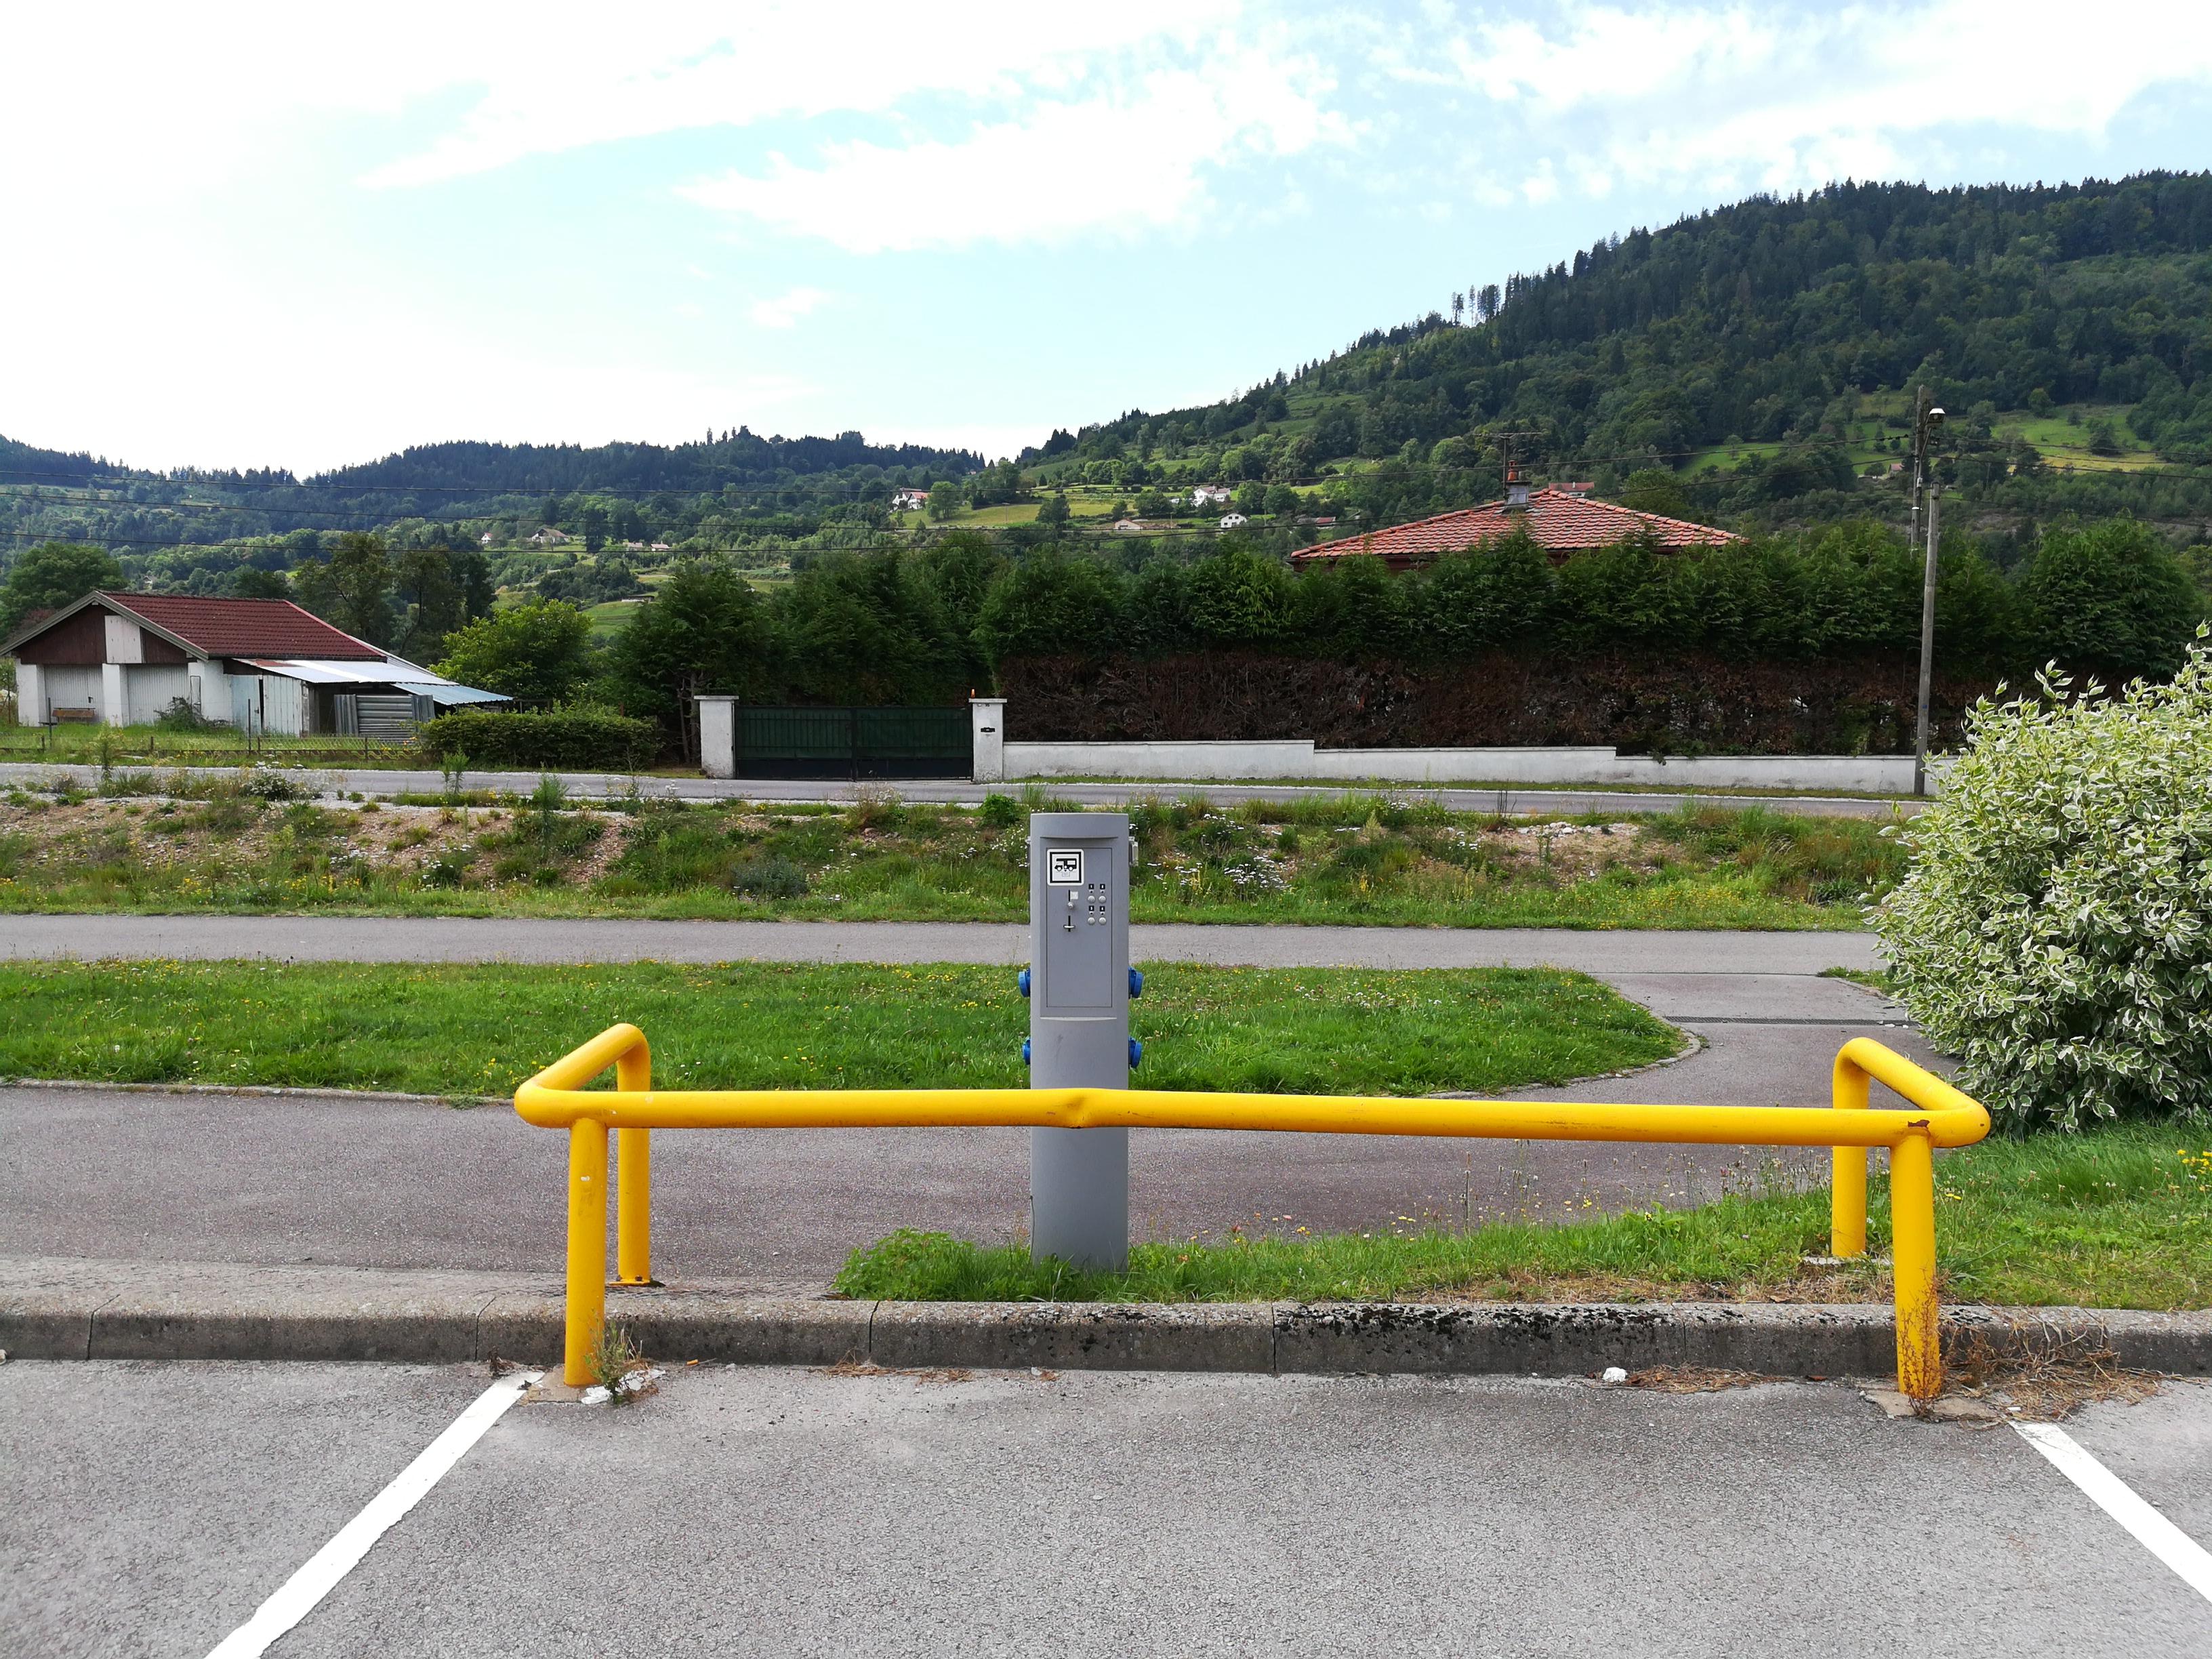 aire services camping car Rupt-sur-Moselle Vosges